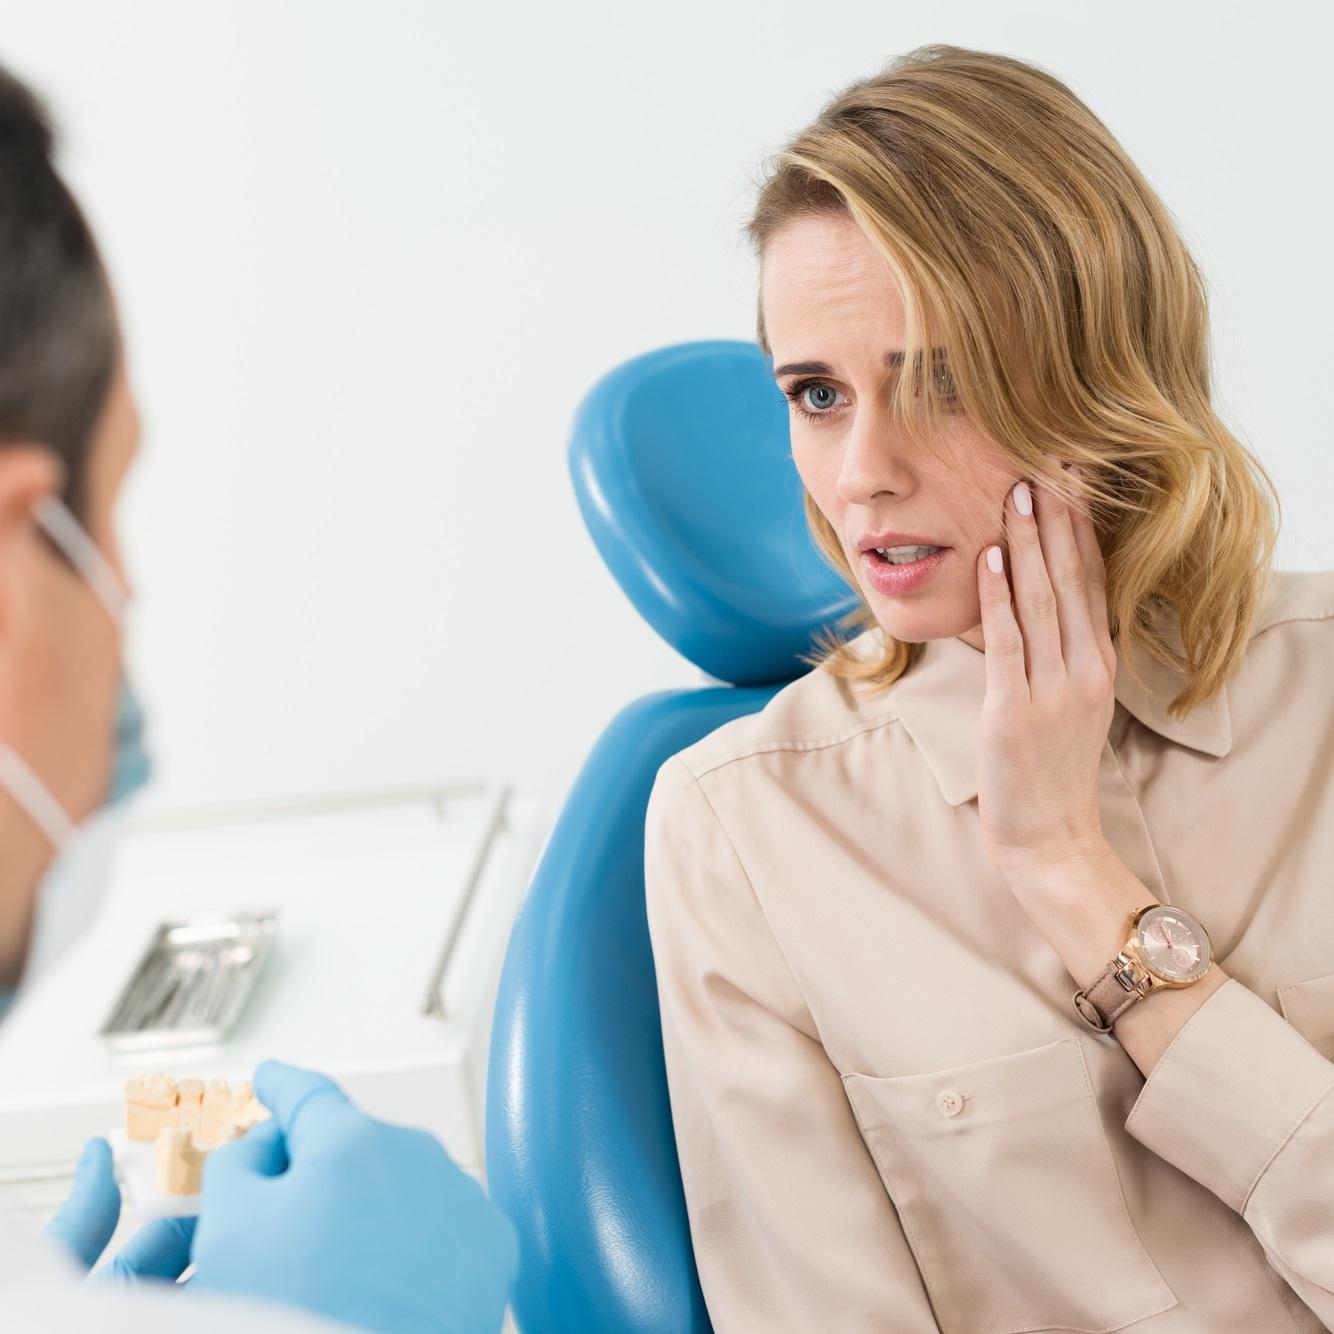 איך למנוע כאבים בשיניים